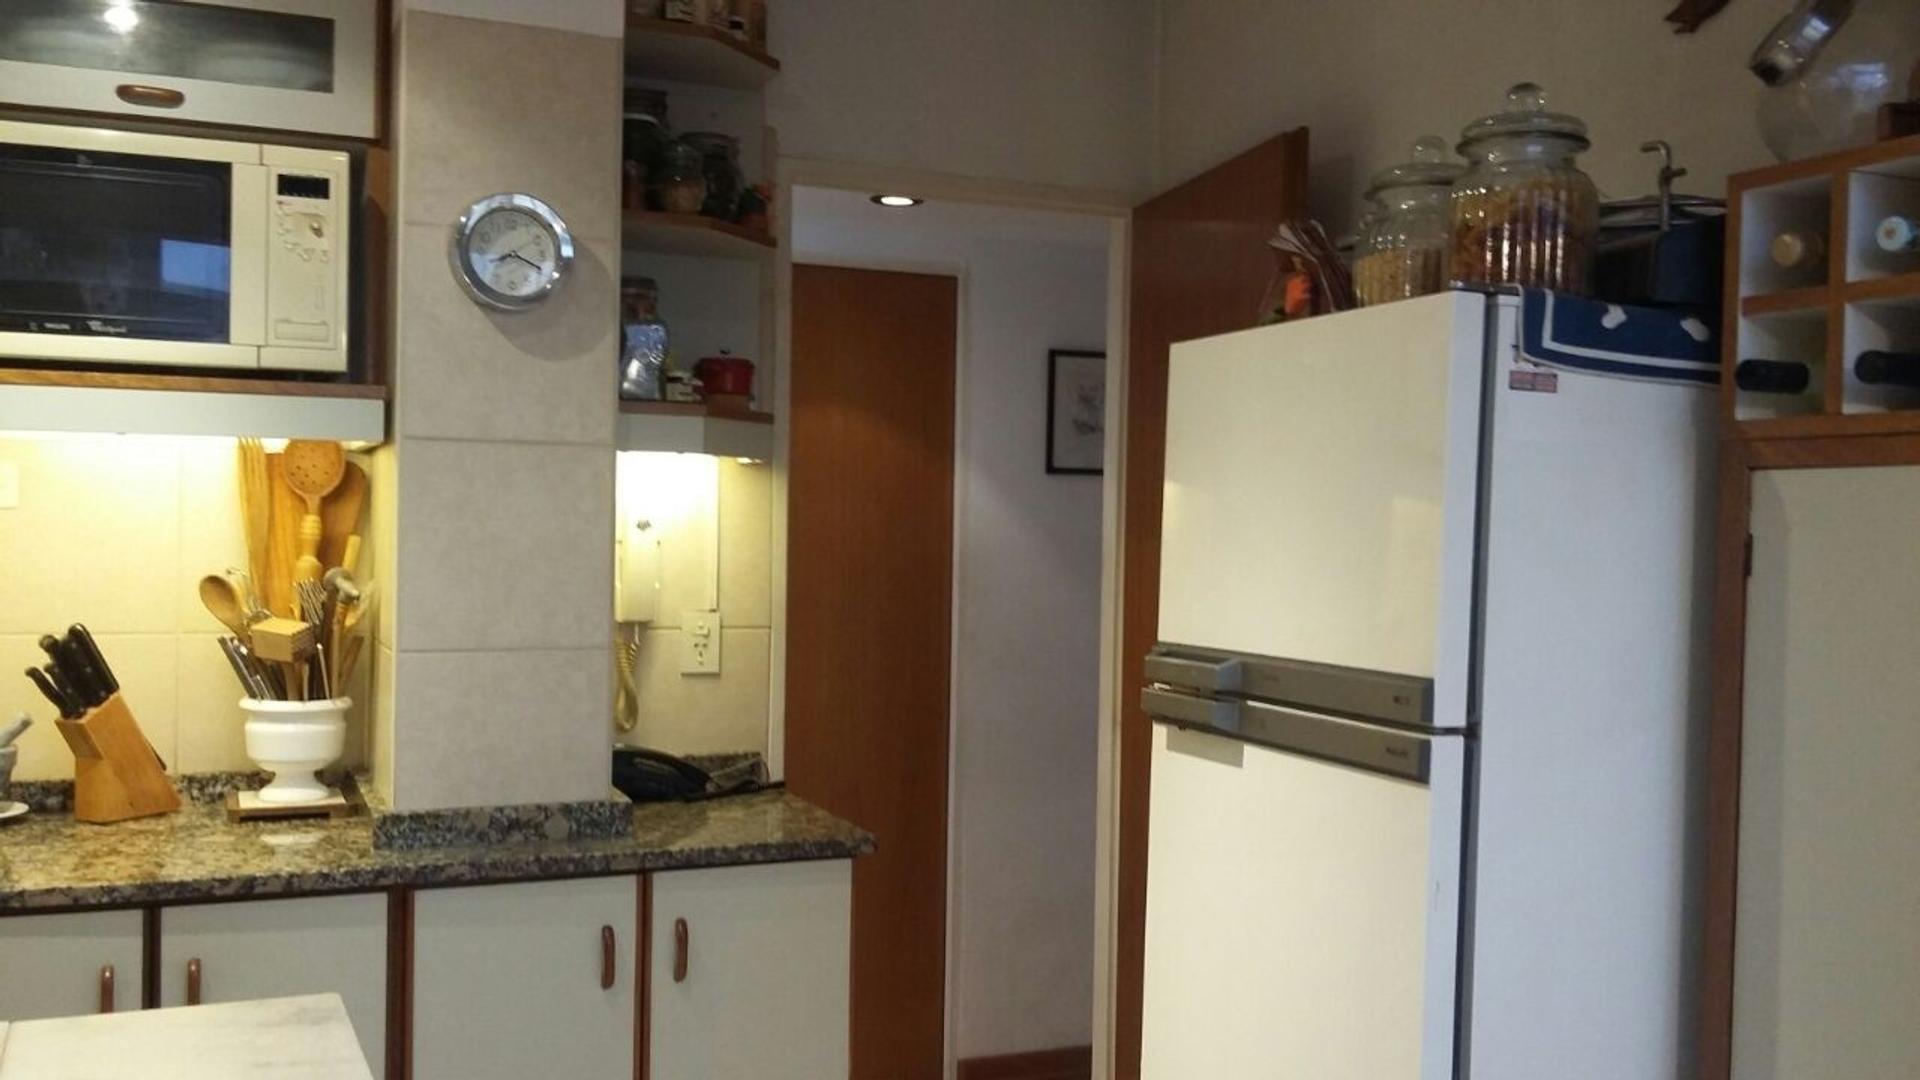 Departamento - 110 m² | 2 dormitorios | 35 años